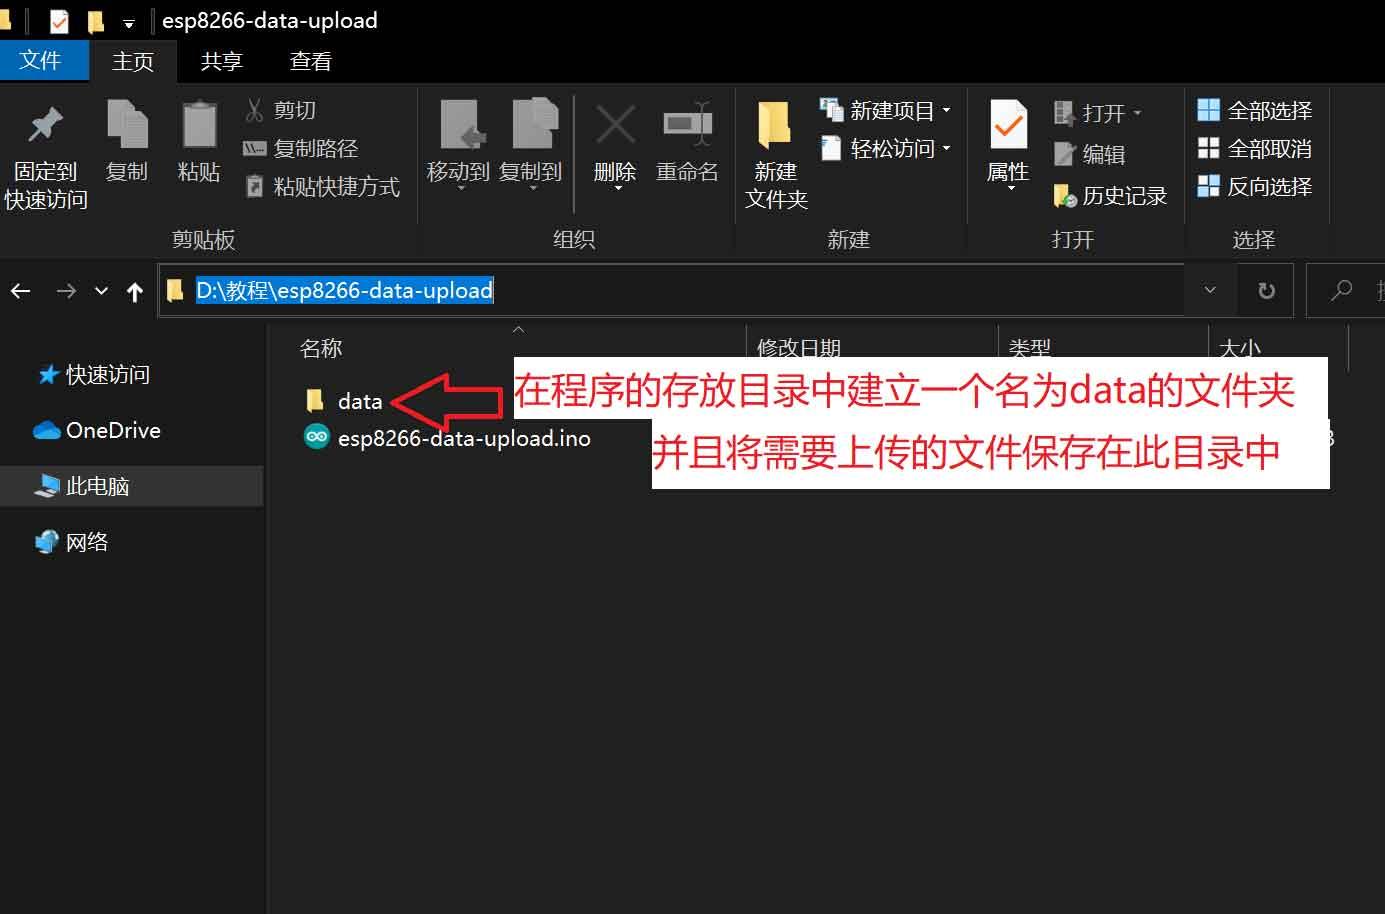 将需要上传到esp8266闪存文件系统的文件保存在data目录中